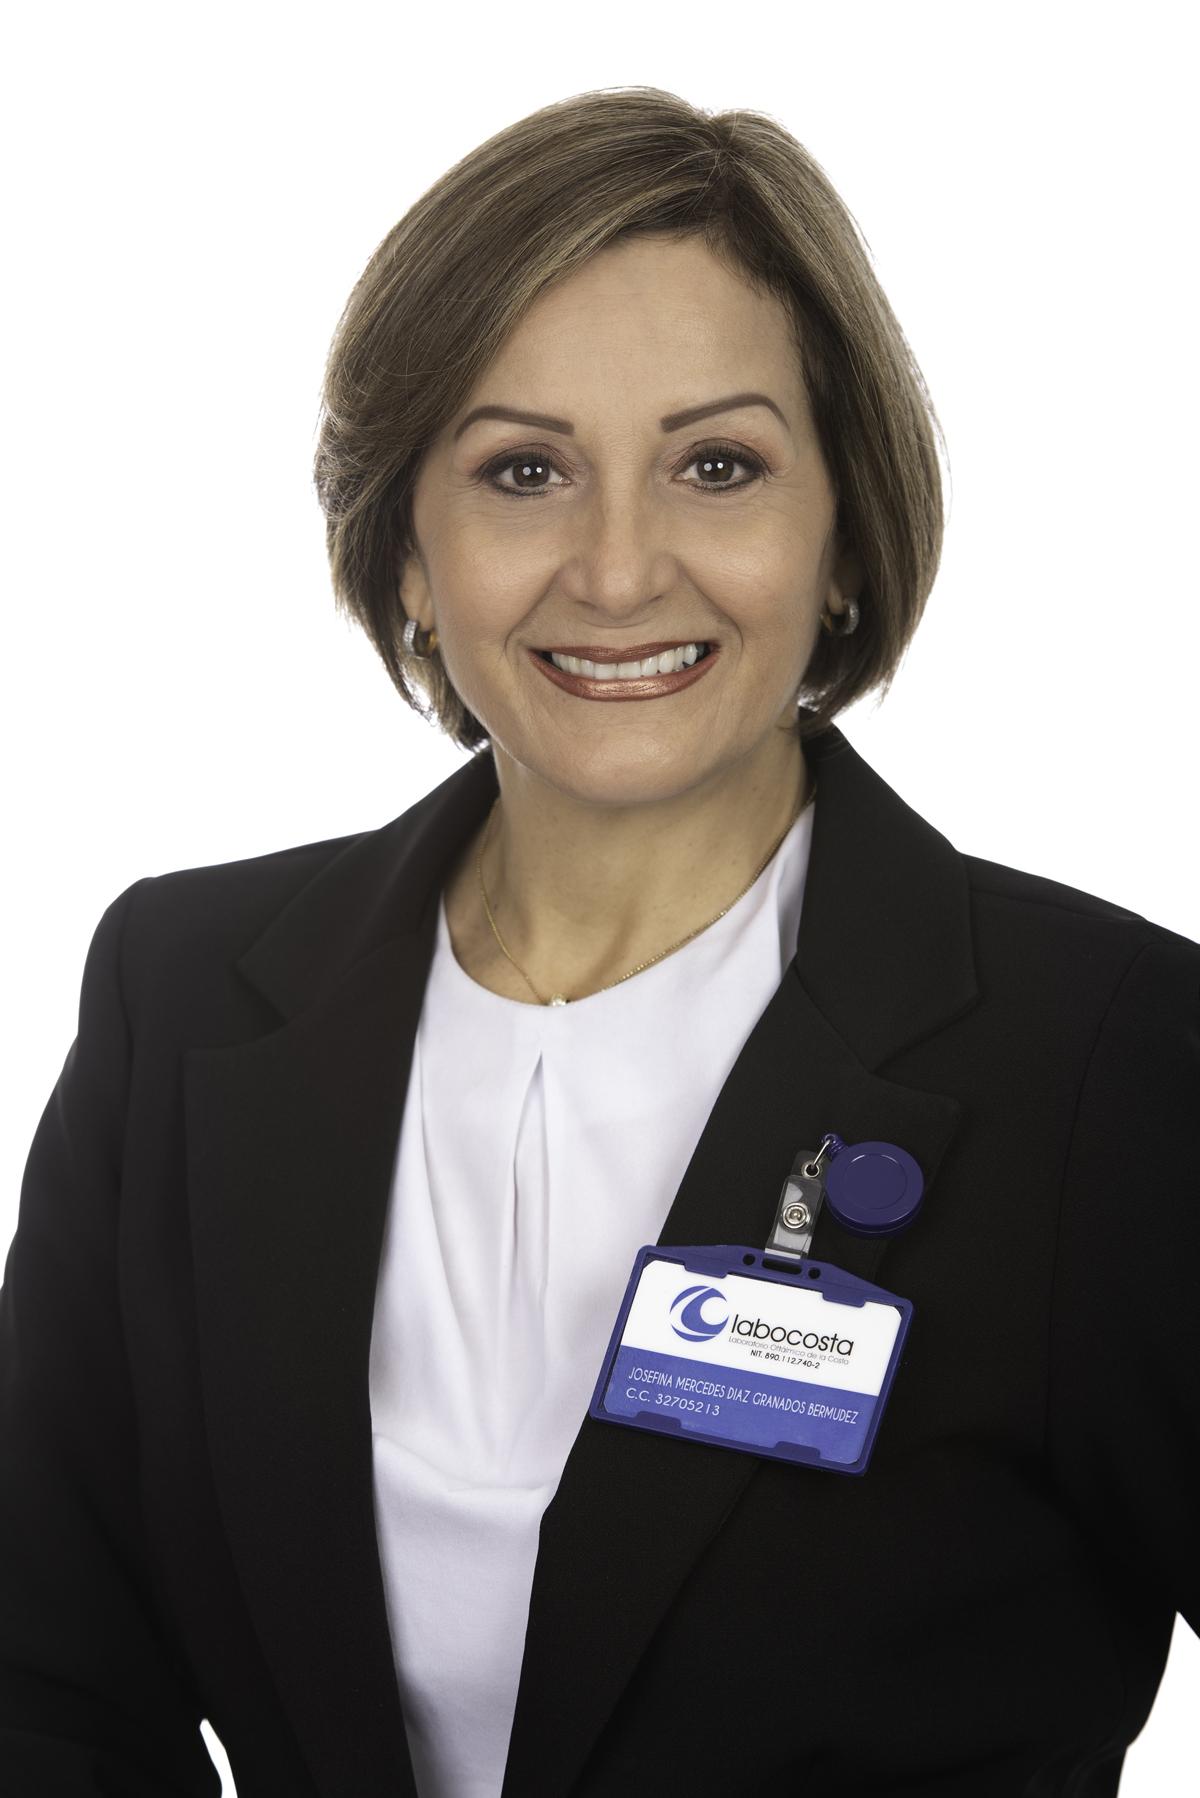 Josefina Diaz Granados Bermudez